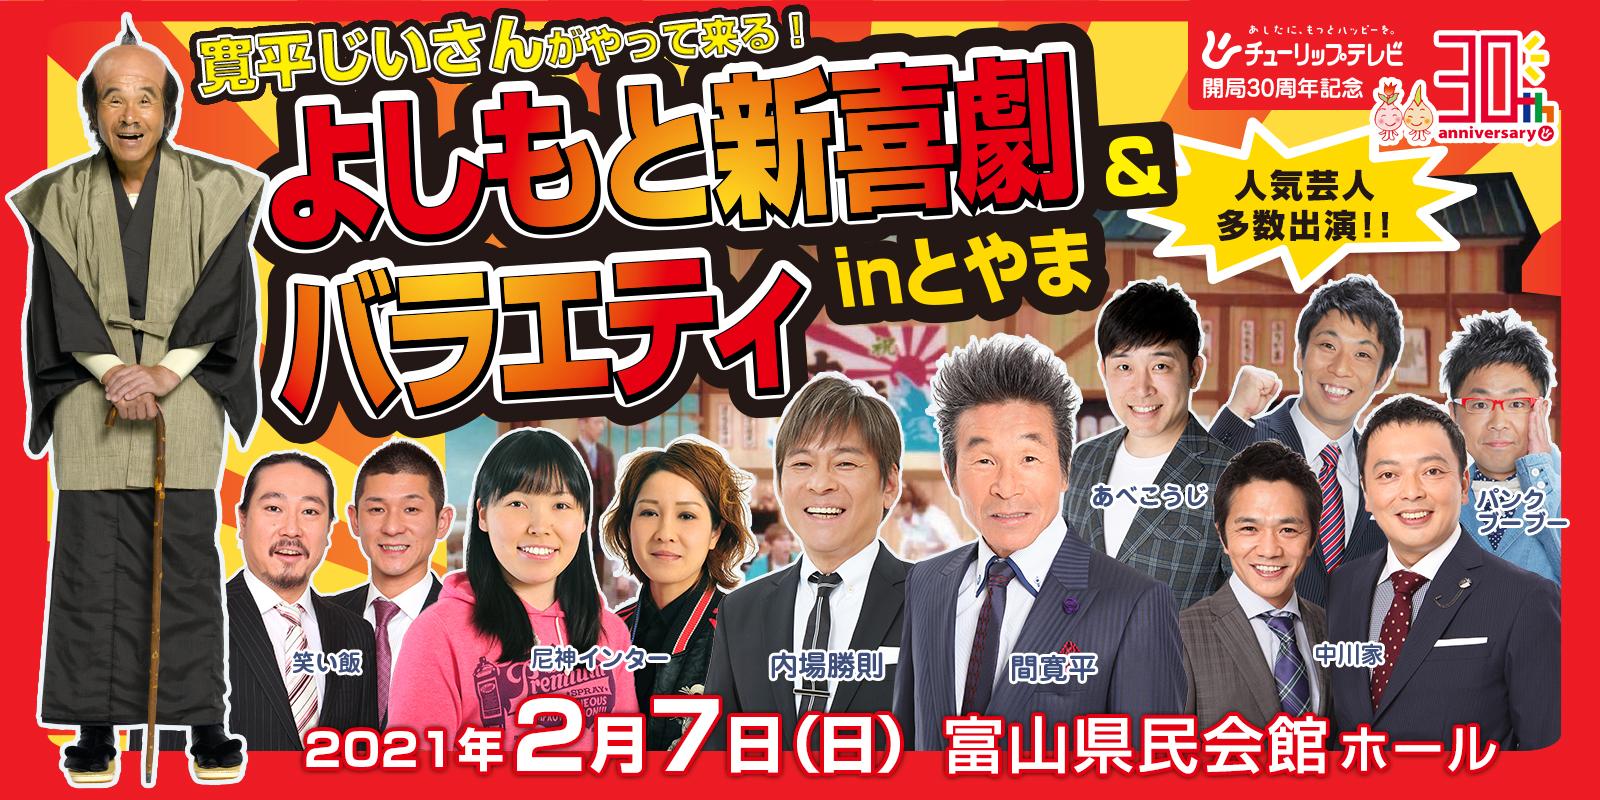 よしもと新喜劇&バラエティ in とやま2021